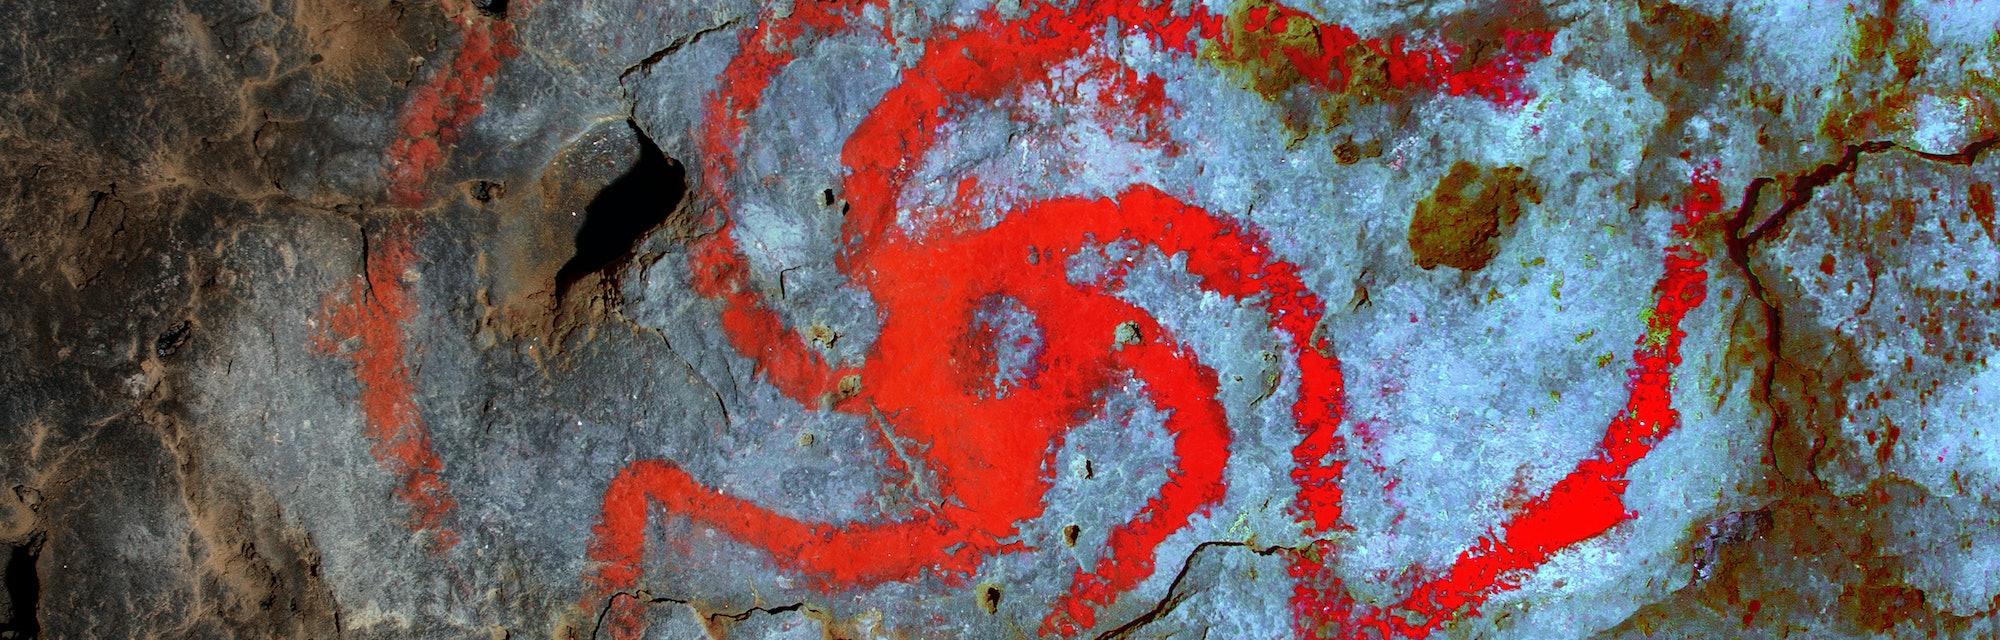 rock art flower drawing